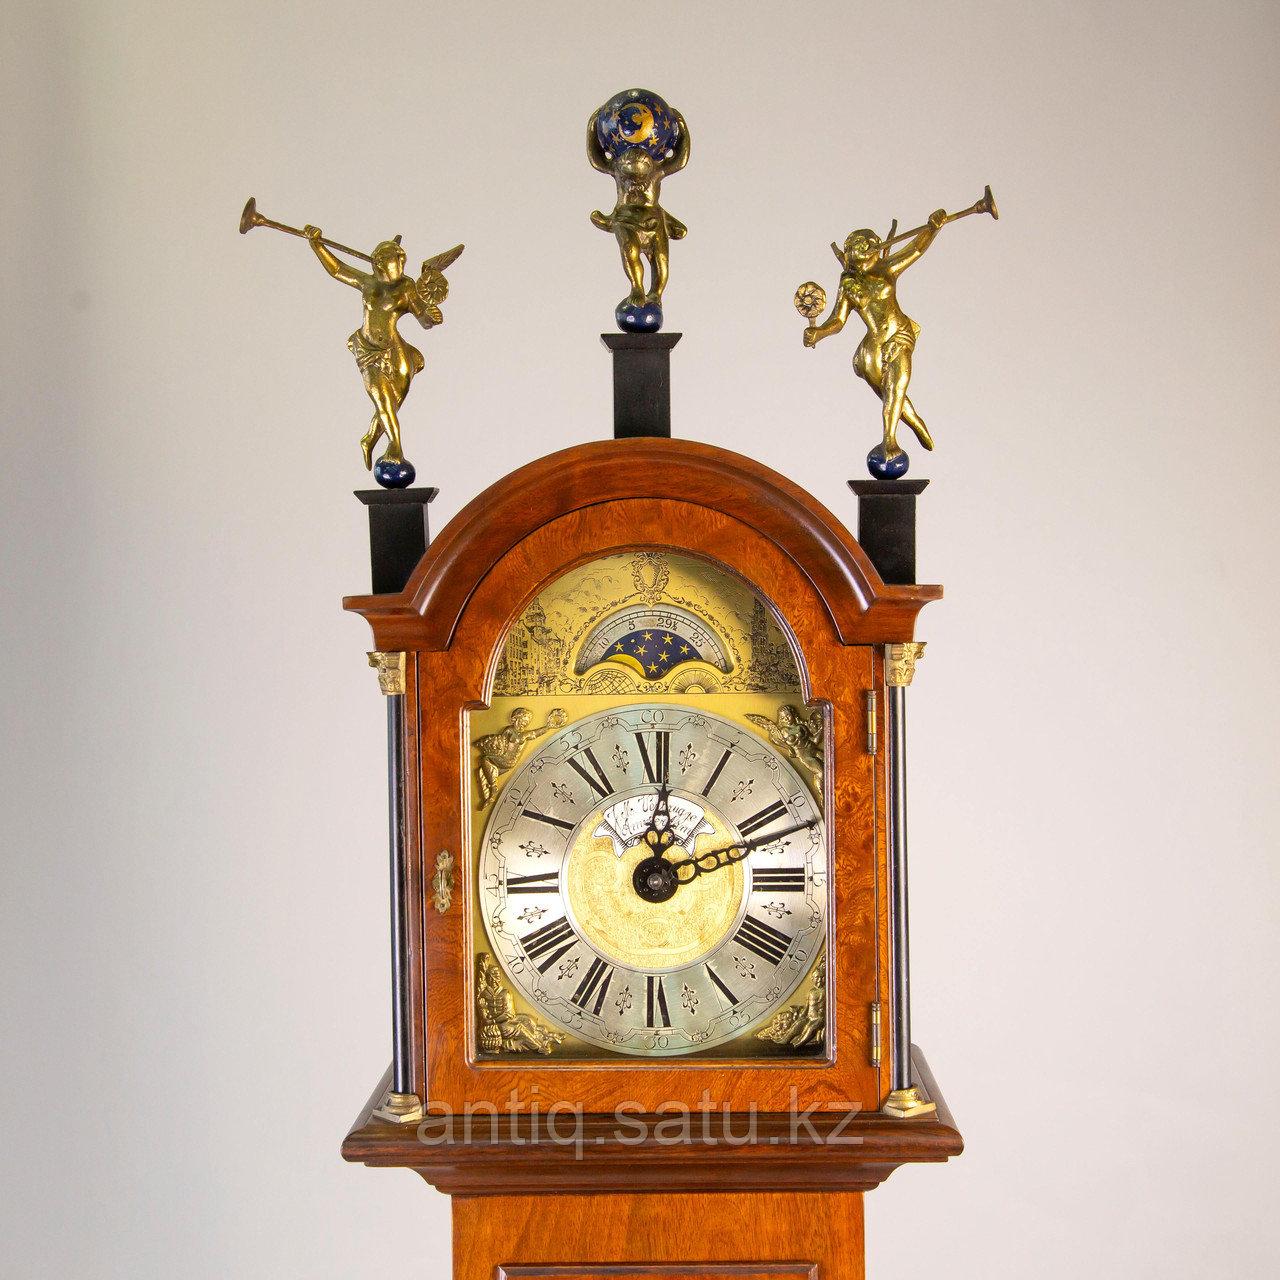 Напольные часы с лунным календарем. Голландия - фото 7